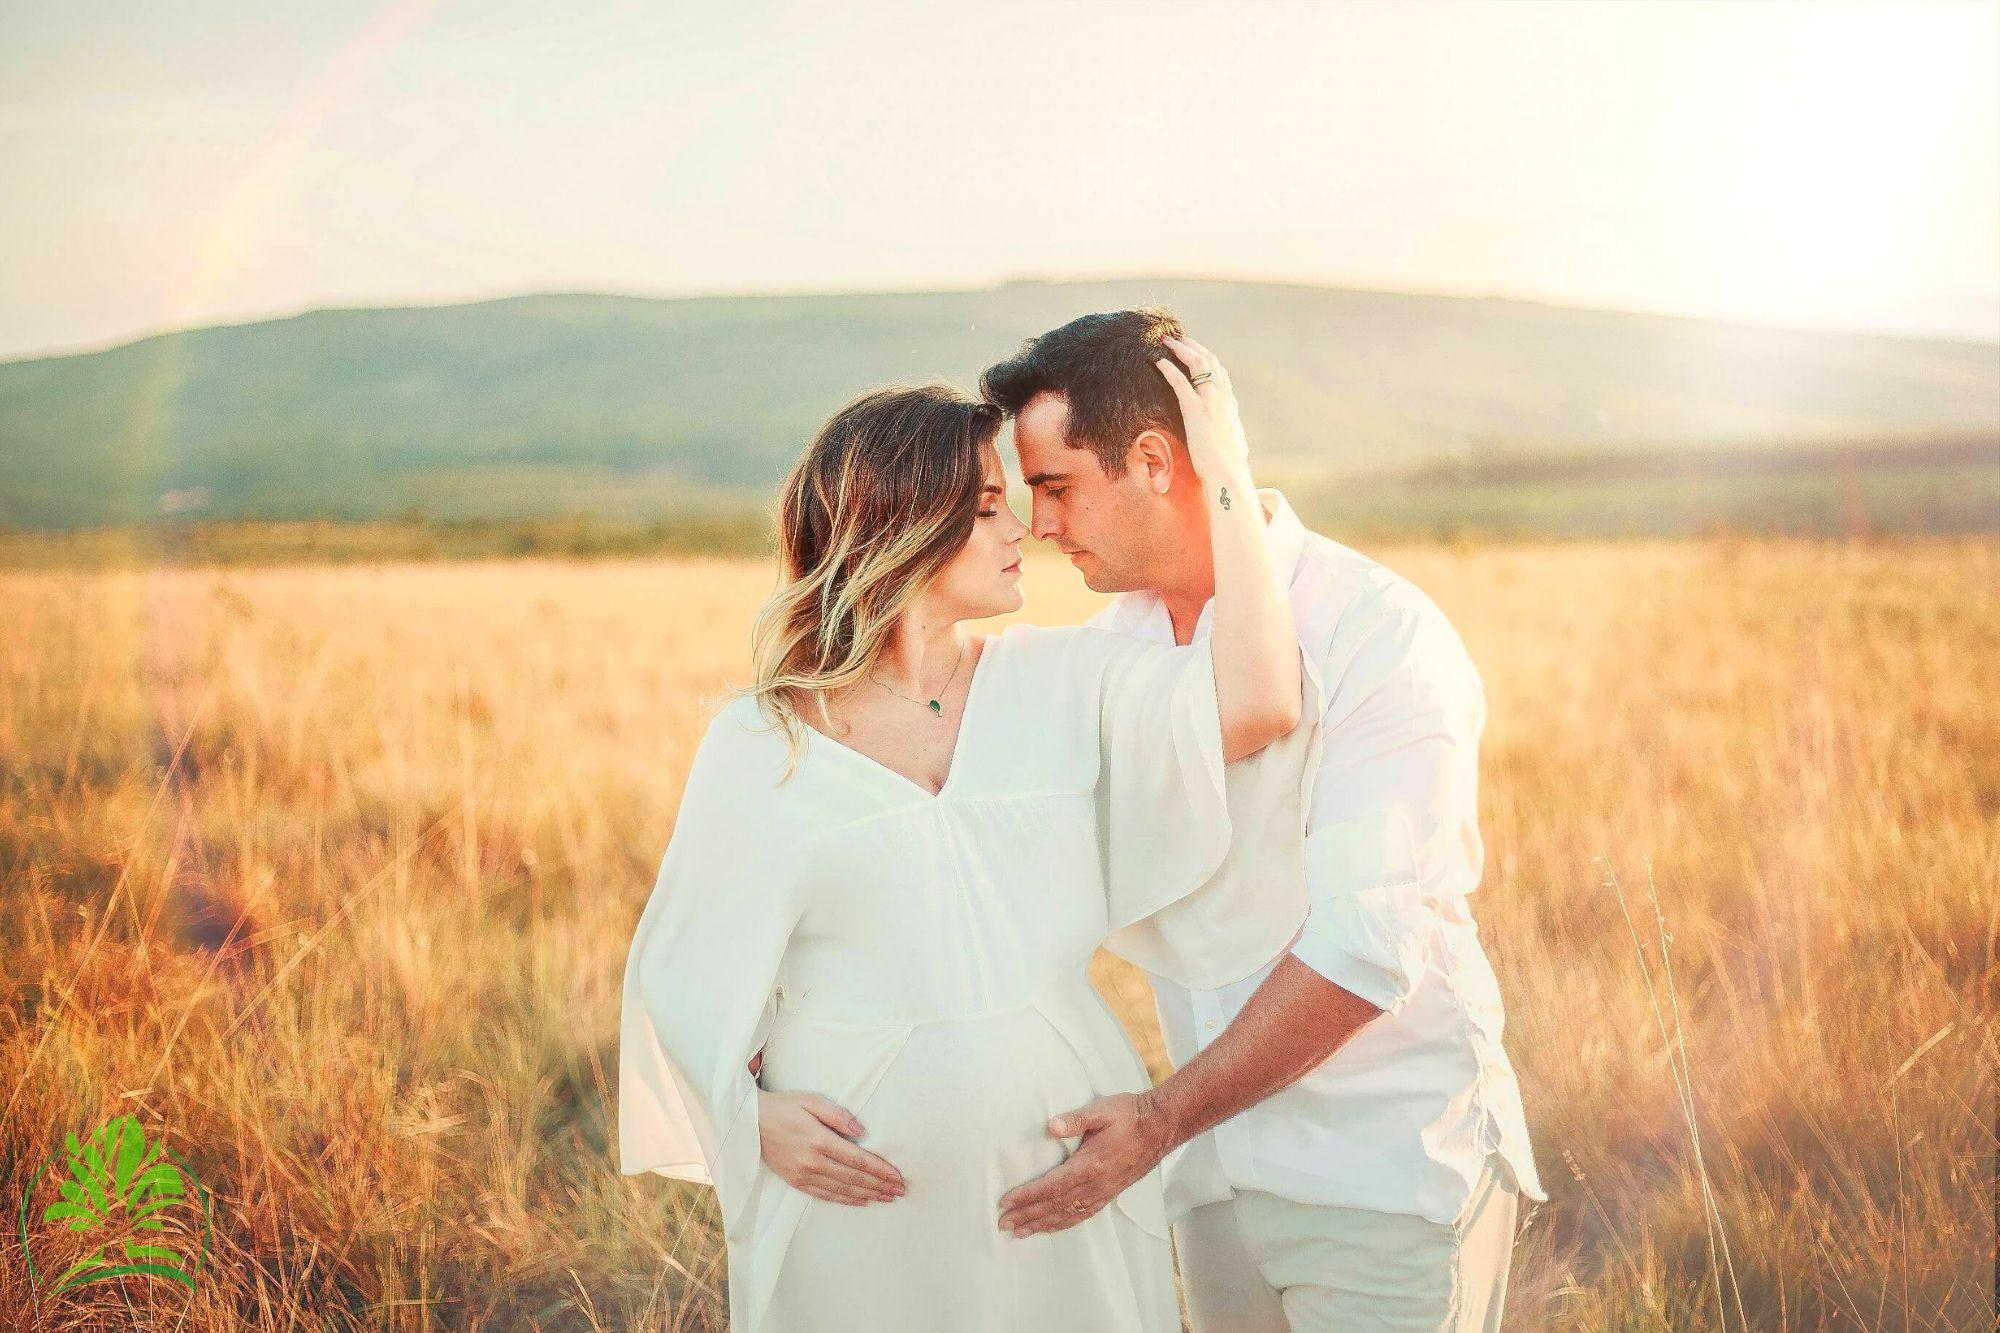 Секс и беременность. Пара.